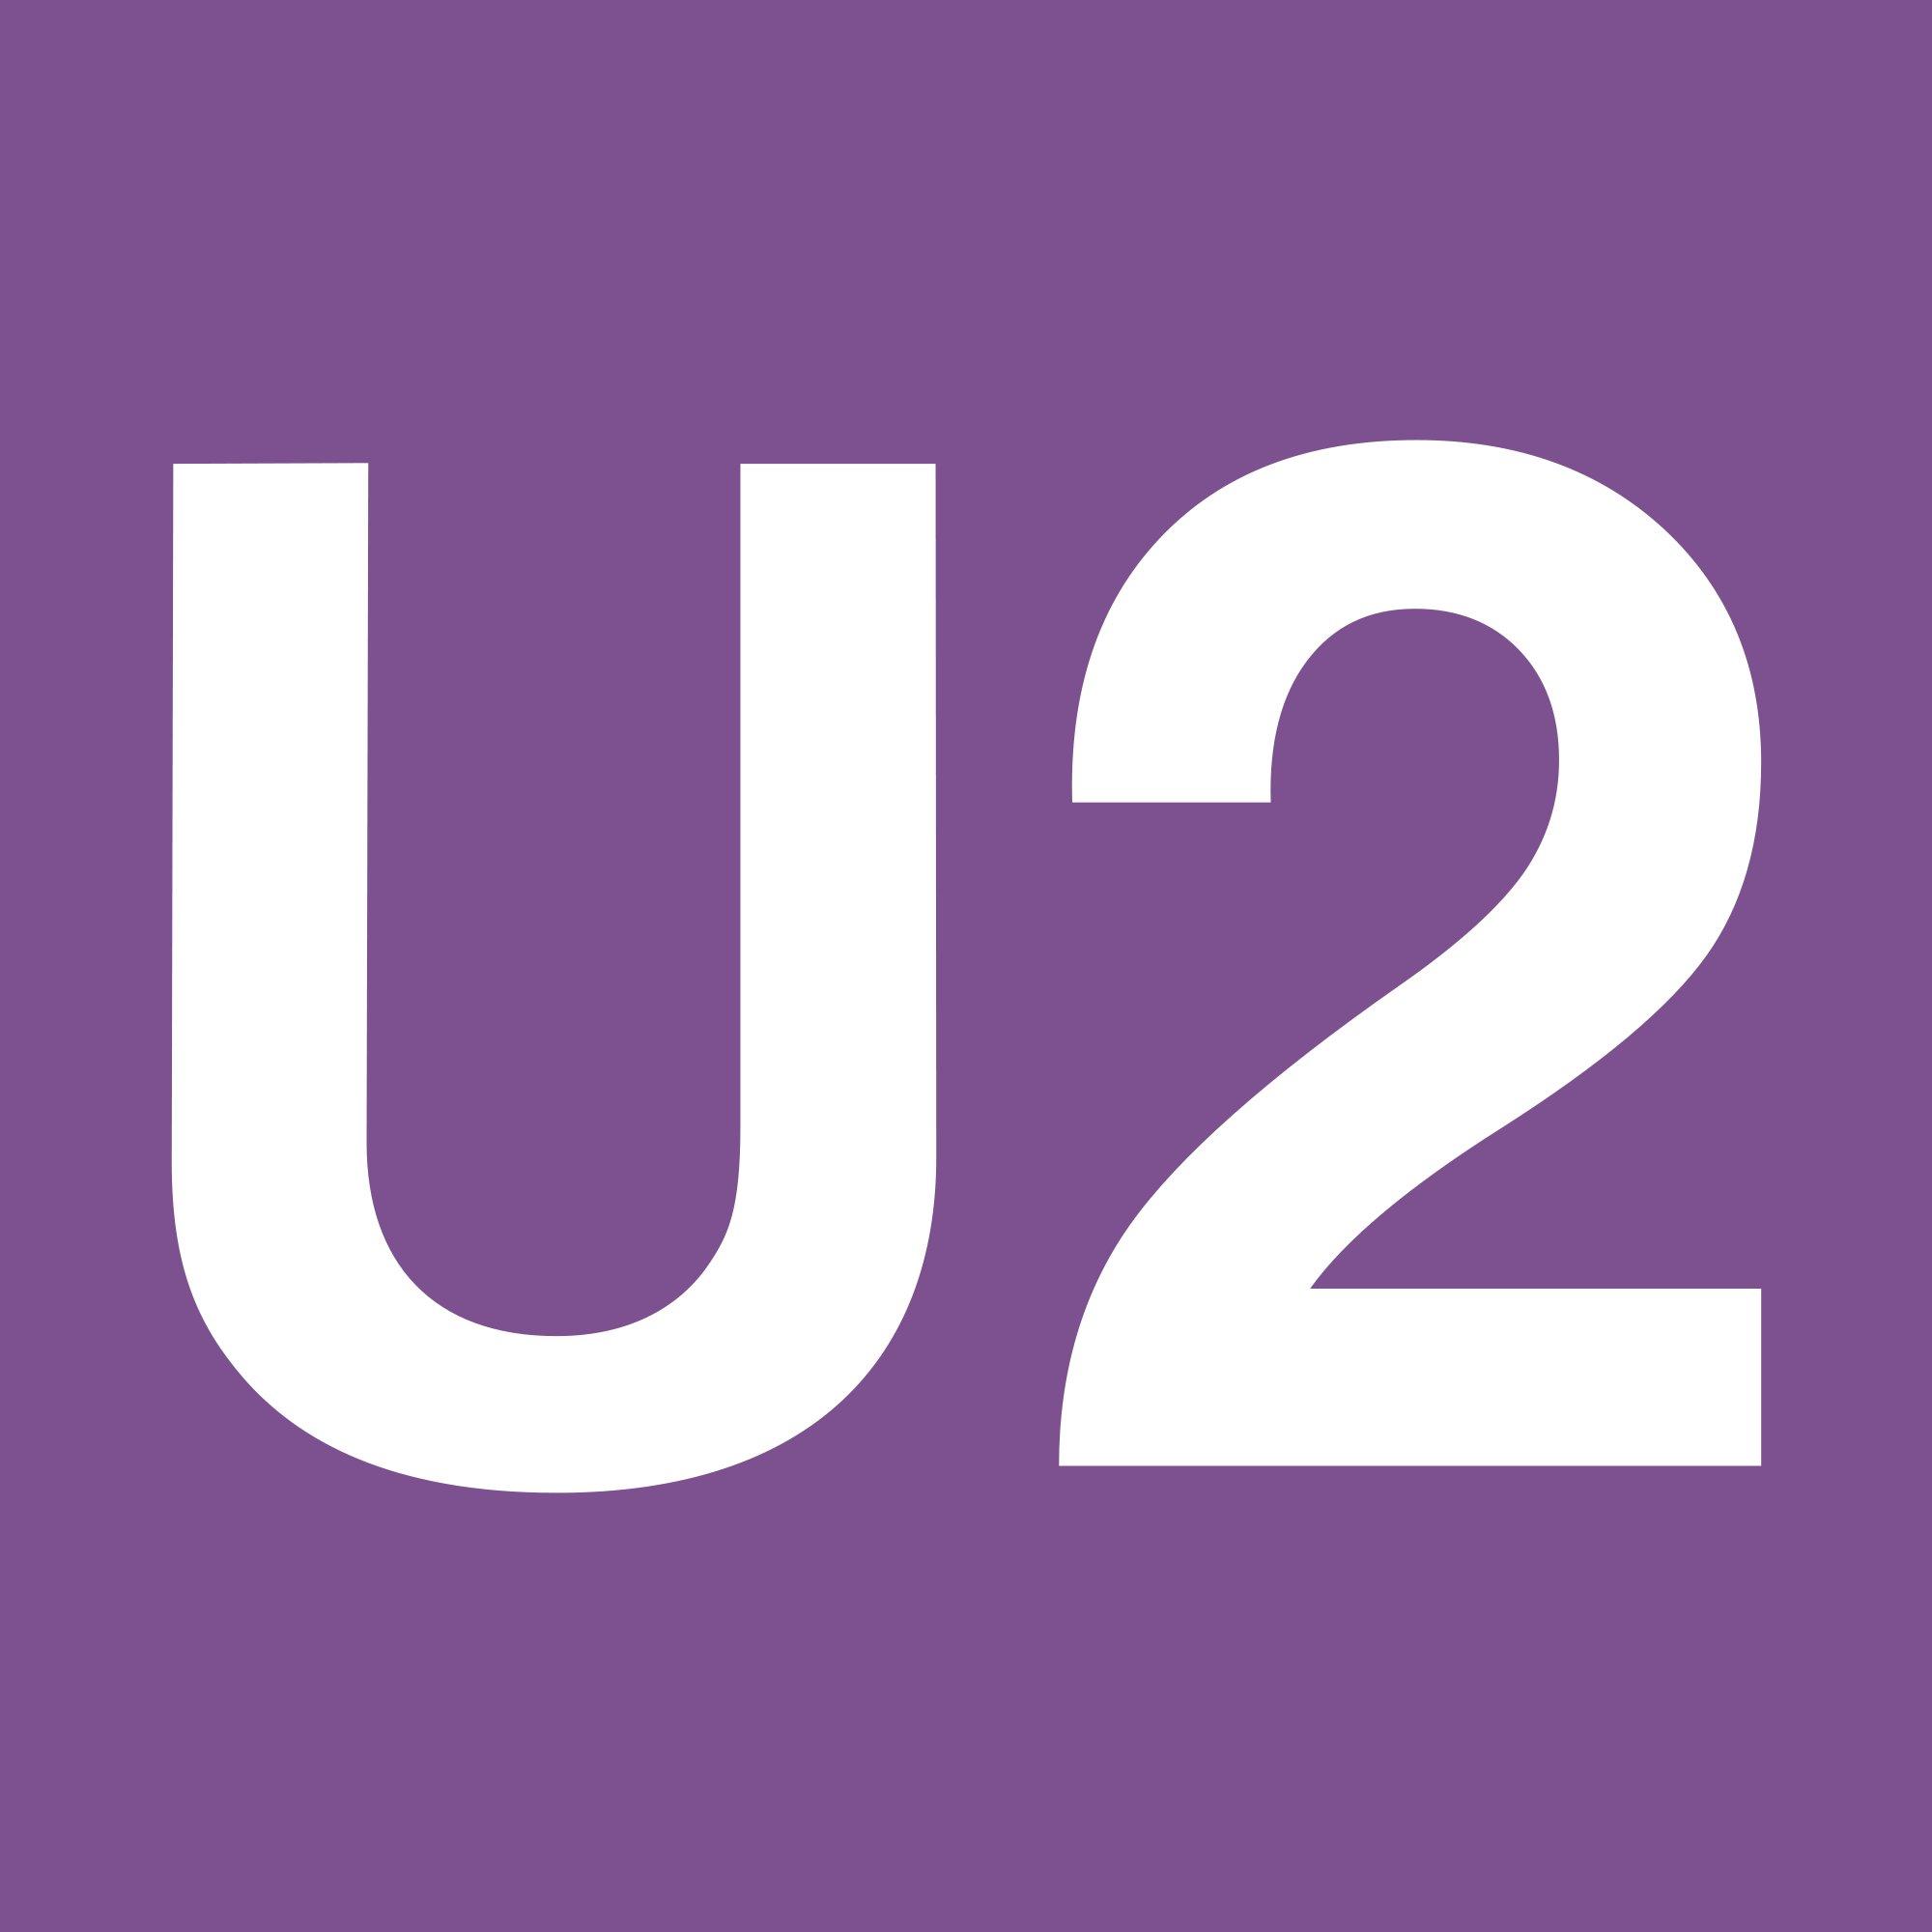 U2 Ubahn At U2wienerubahn Twitter